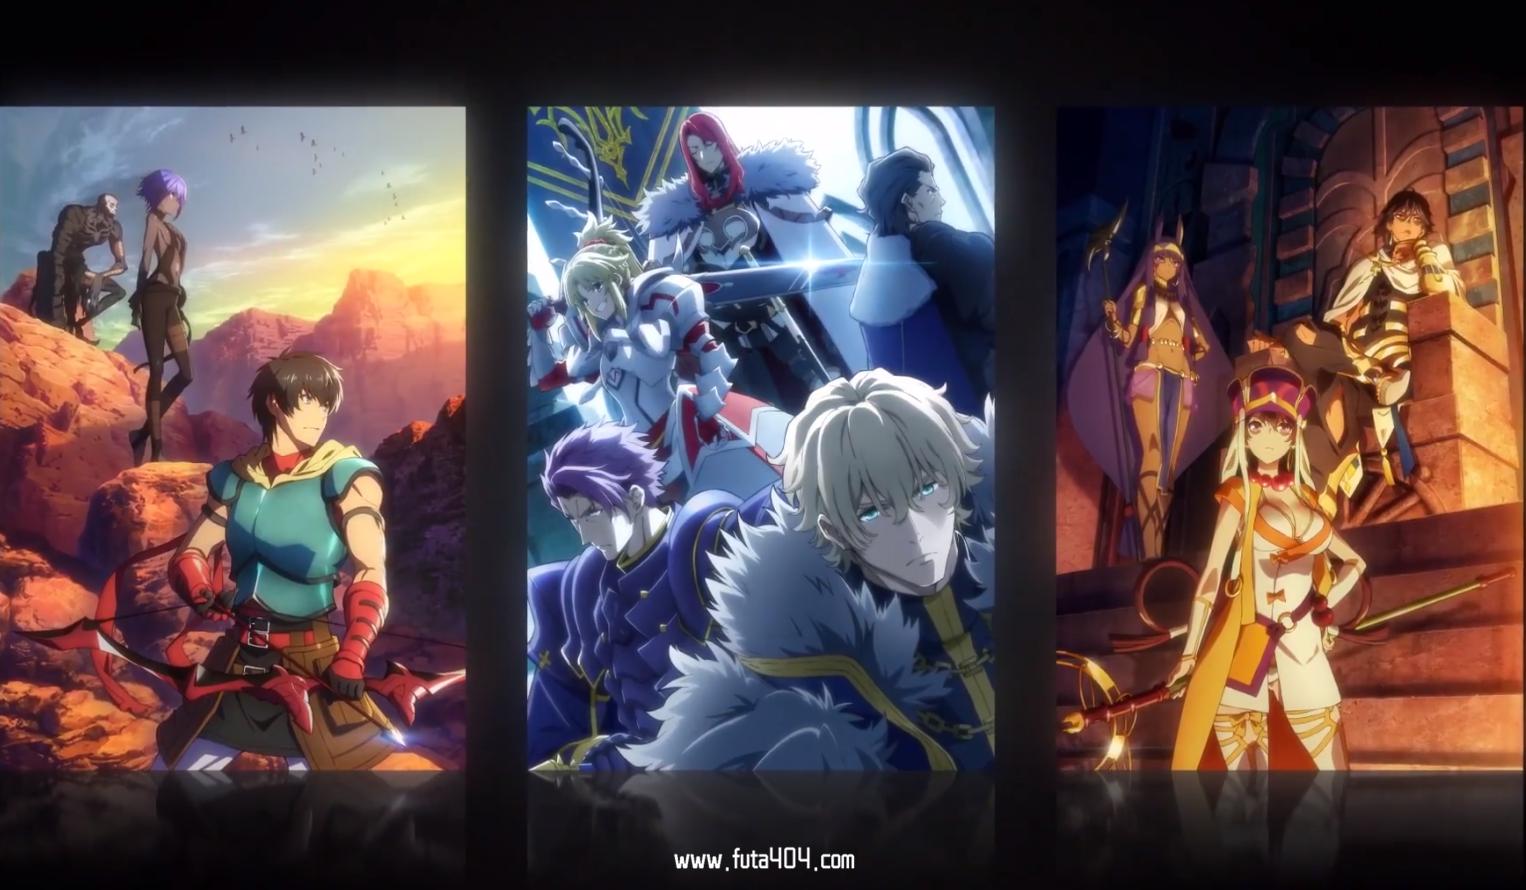 Fate Grand Order 神圣圆桌领域卡美洛 前篇《Wandering; Agateram》将于2020年夏在日本上映 Fate Grand Order ACG资讯